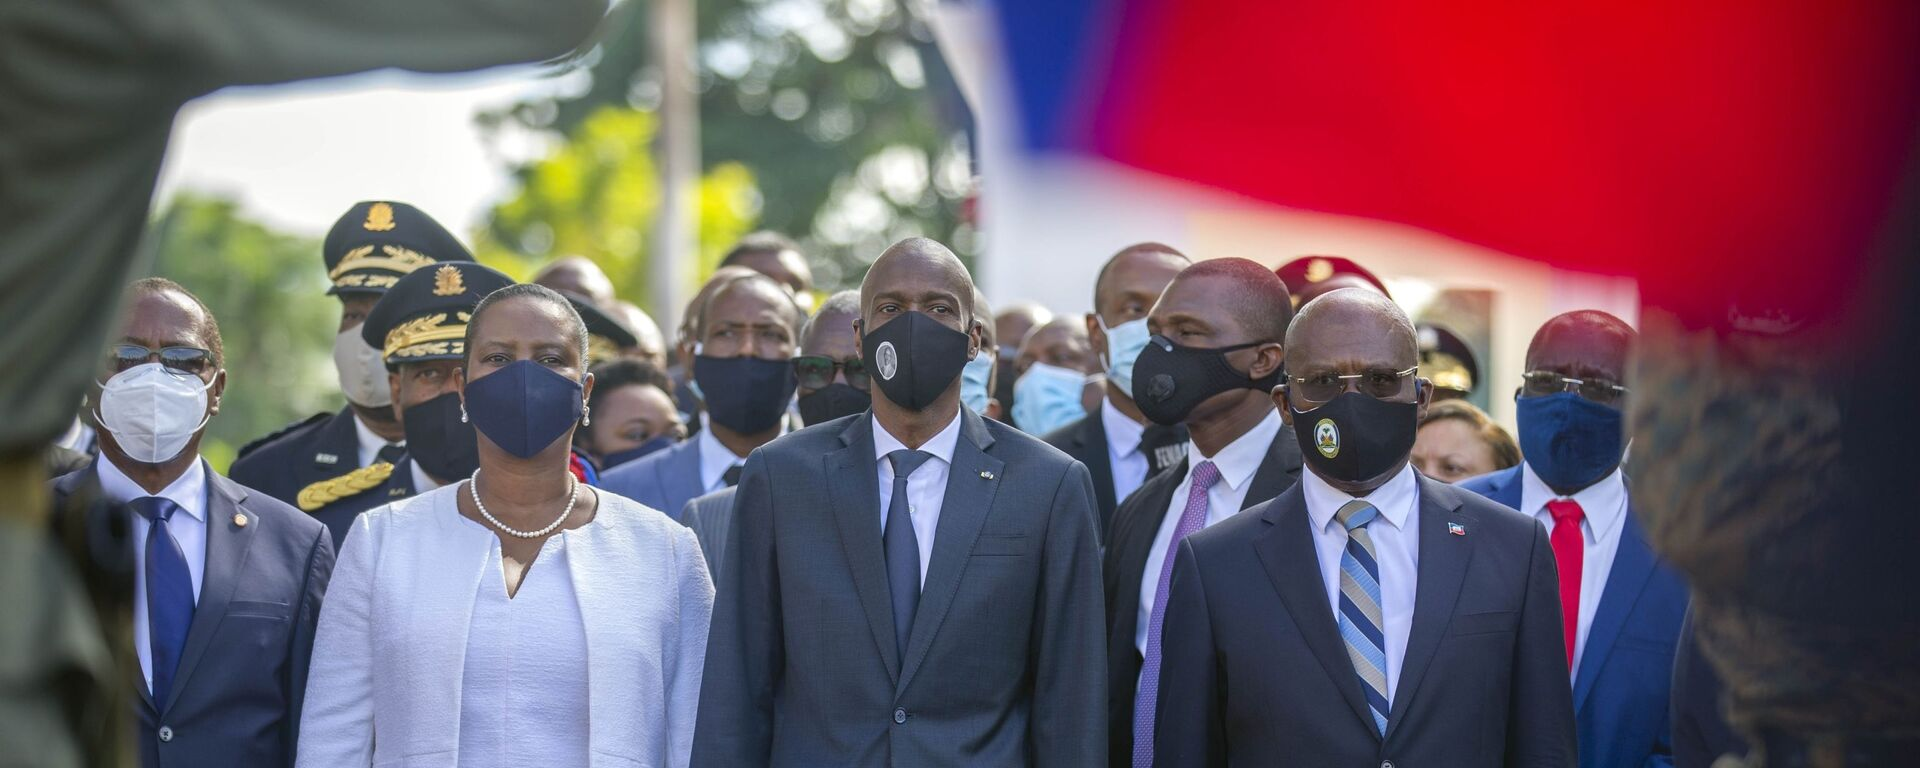 Haitský prezident Jovenel Moïse c manželkou a premiérem  - Sputnik Česká republika, 1920, 08.07.2021